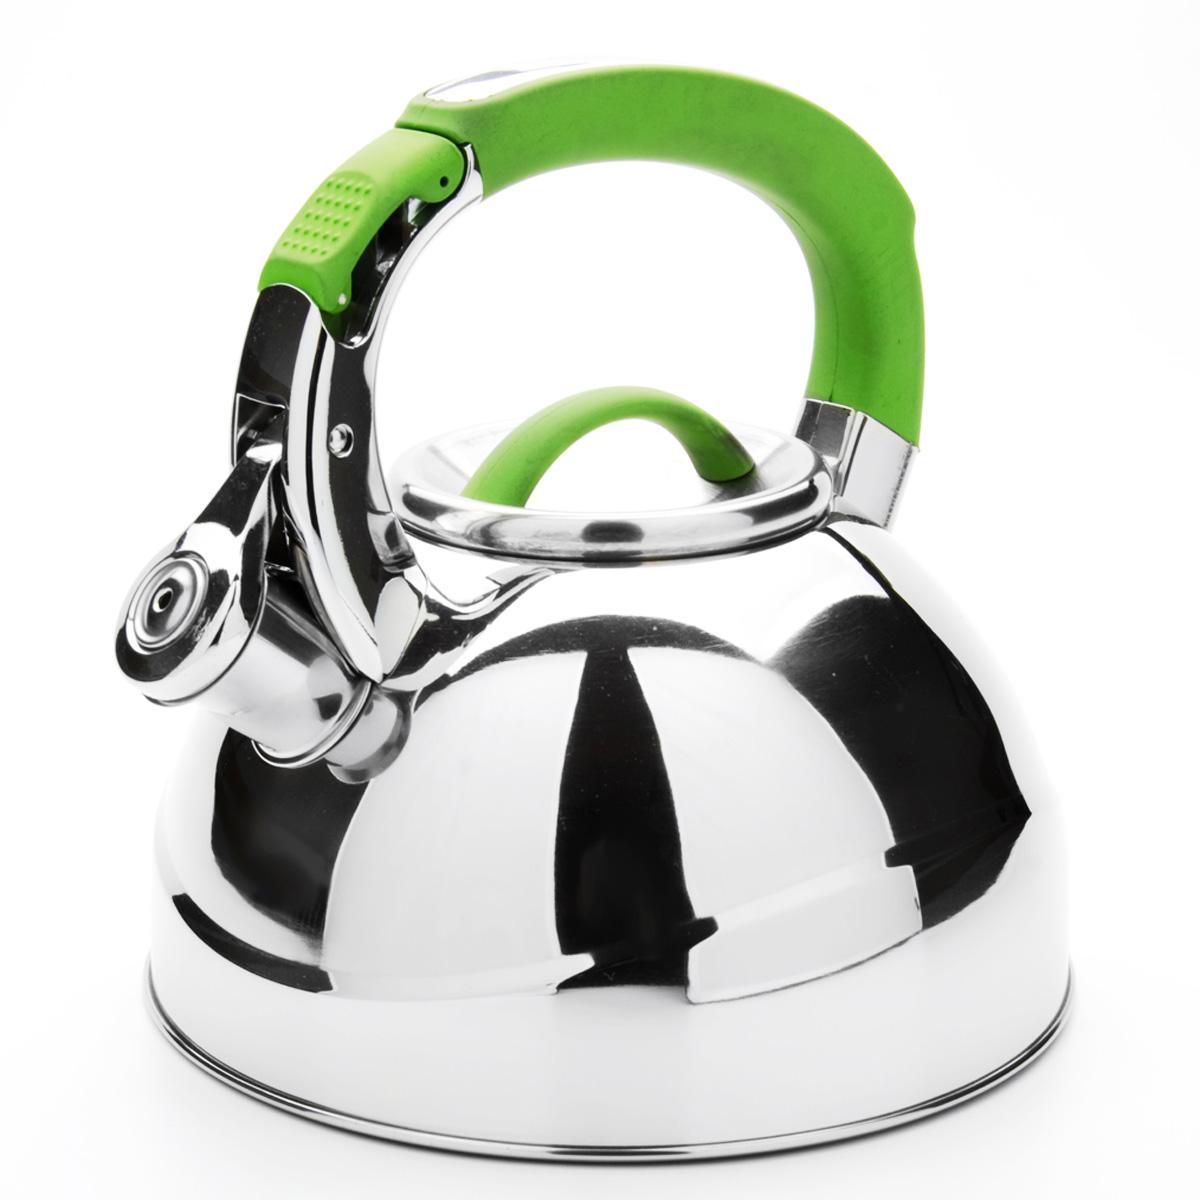 Чайник Mayer & Boch со свистком, цвет: зеленый, 2,7 л. 23588BK-S409Чайник Mayer & Boch выполнен из высококачественной нержавеющей стали, что обеспечивает долговечность использования. Внешнее зеркальноепокрытие придает приятный внешний вид. Фиксированная ручка из нейлона делает использование чайника очень удобным и безопасным. Чайник снабжен свистком и устройством для открывания носика, которое находится на ручке. Можно мыть в посудомоечной машине. Пригоден для всех видов плит, включая индукционные. Высота чайника (без учета крышки и ручки): 11,5 см. Диаметр по верхнему краю: 10 см.